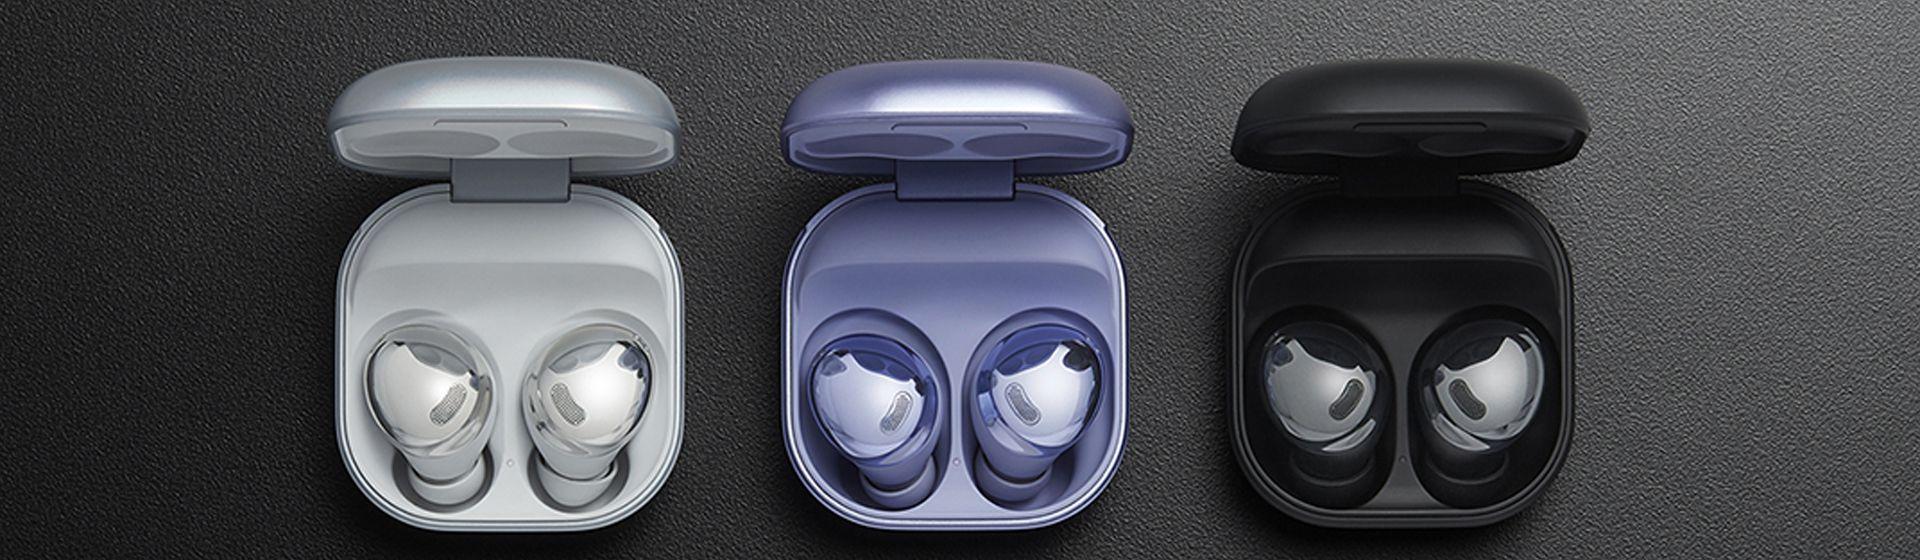 Samsung lança os fones Galaxy Buds Pro; veja características e preços